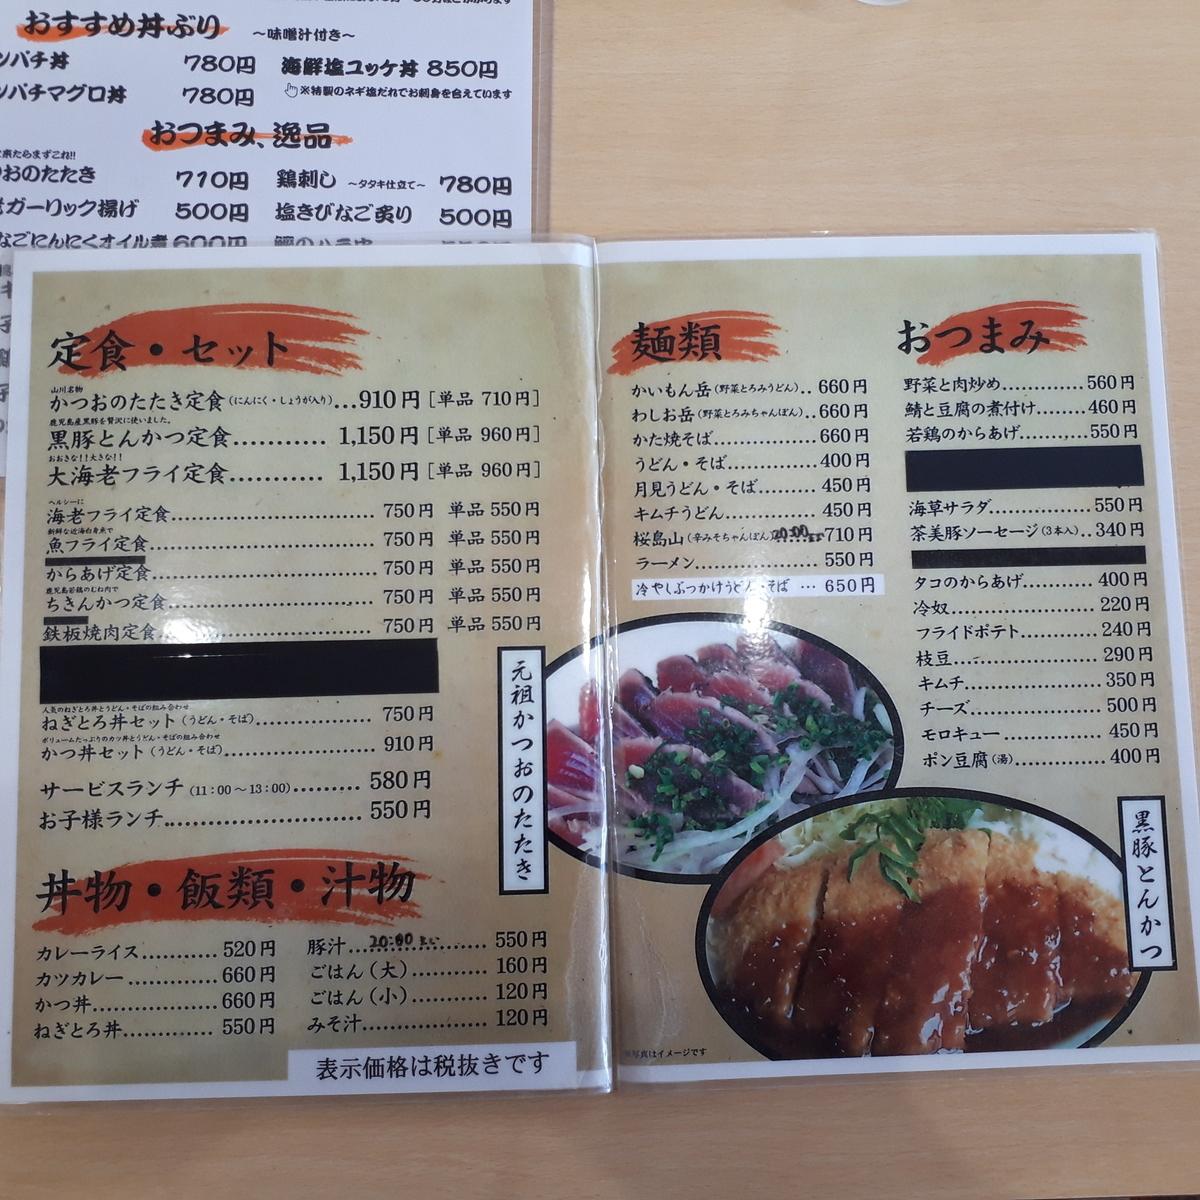 山川駅前 旅館 くり屋 食堂 料理メニュー